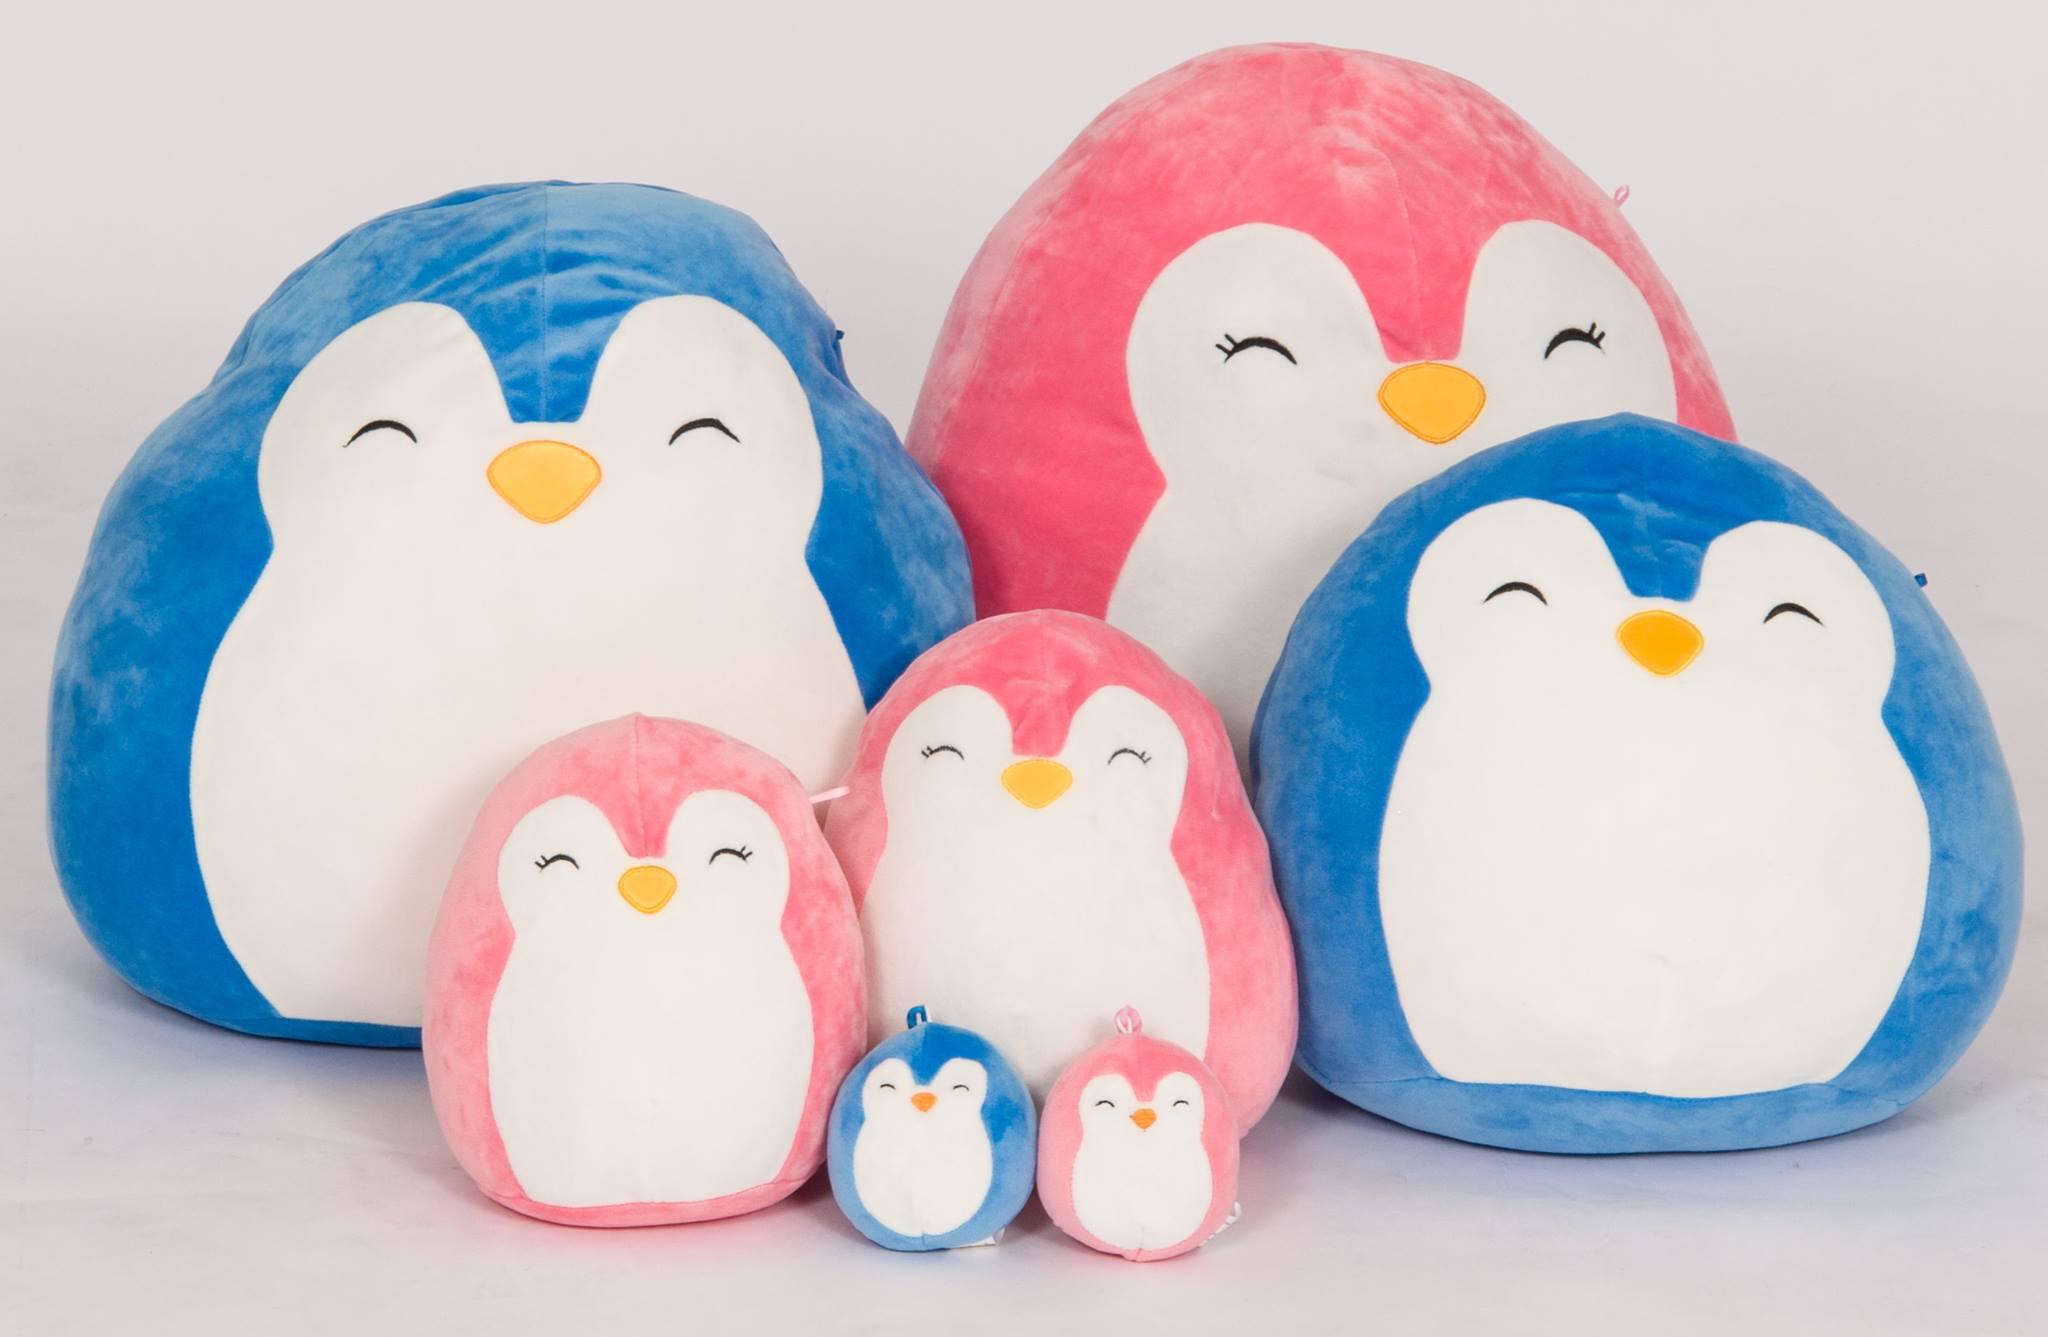 Plush Pillows For Kids Kawaii Brinquedos New Cat Pusheen